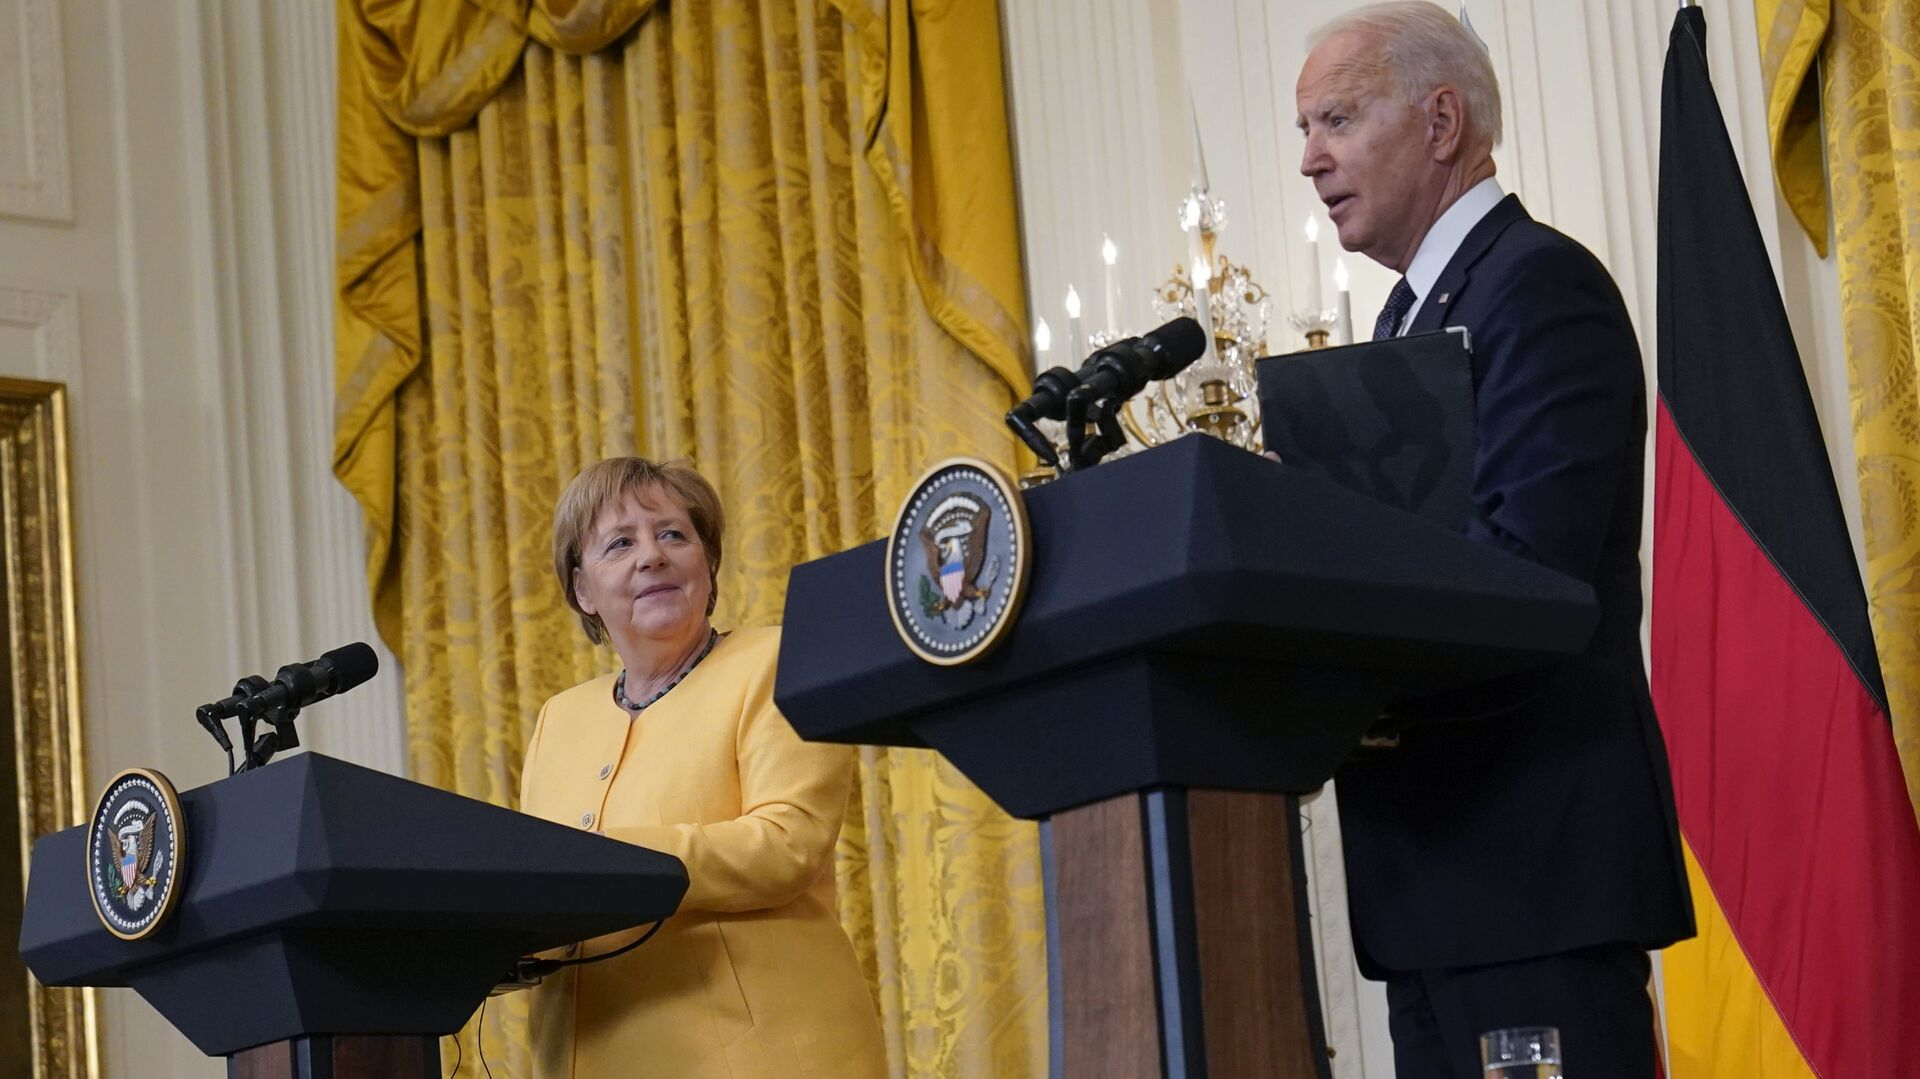 Americký prezident Biden a německá kancléřka Merkelová ve Washingtonu - Sputnik Česká republika, 1920, 23.09.2021